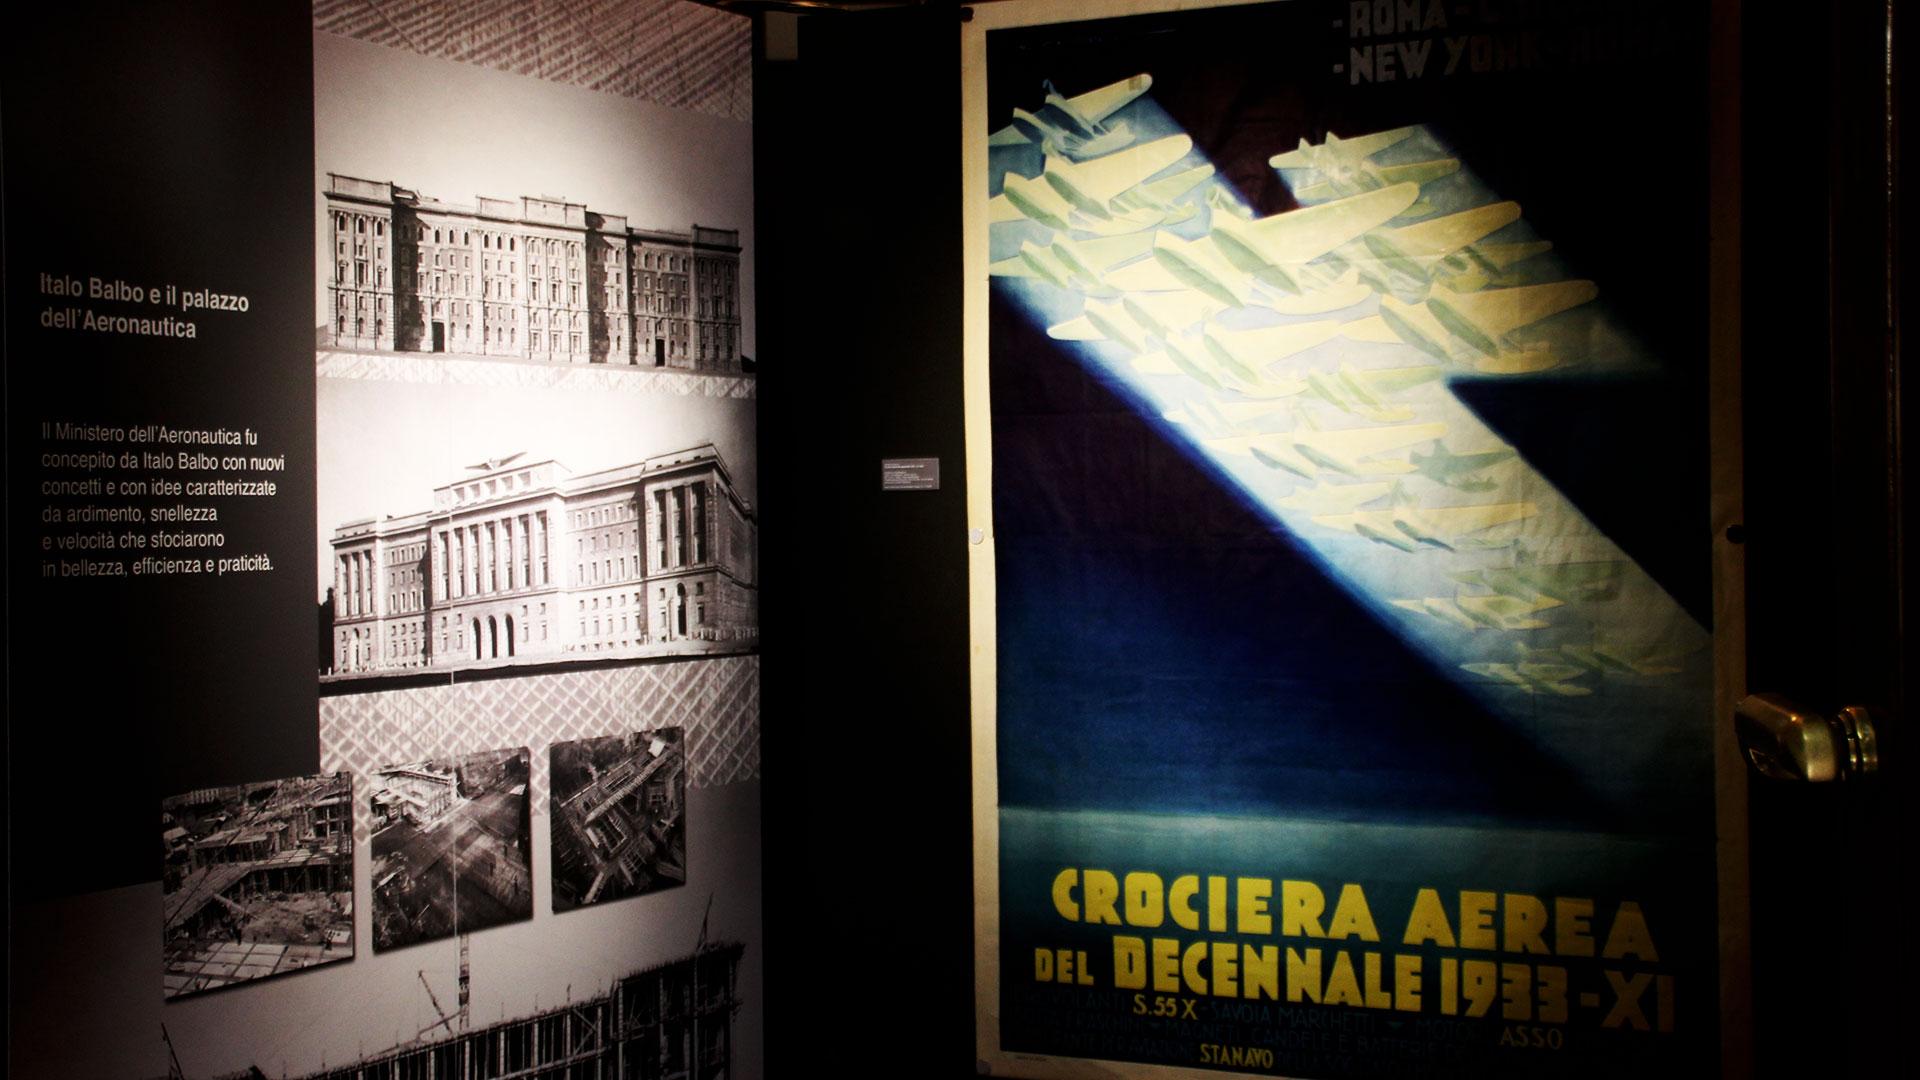 marcello-dudovich-mostra-palazzo-aeronautica-militare-(13)